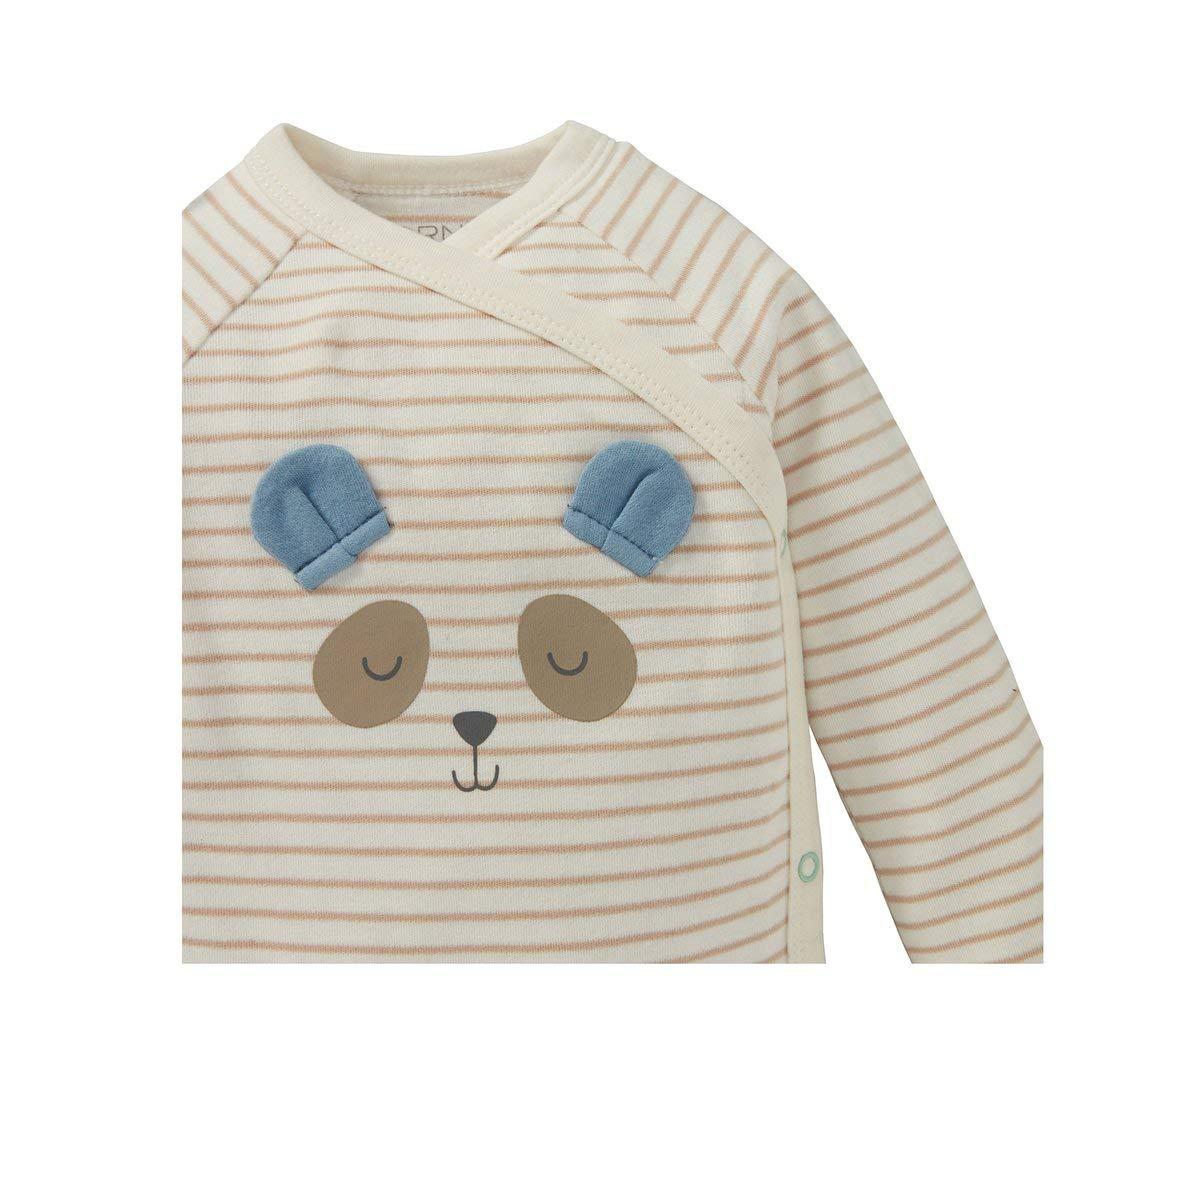 Bornino Wickelbodys Langarm Panda - Bodys mit h/übschen Tier-Motiven /& Druckkn/öpfen im Schritt- /& Schulterbereich Mint//Offwhite gestreift 2er-Pack